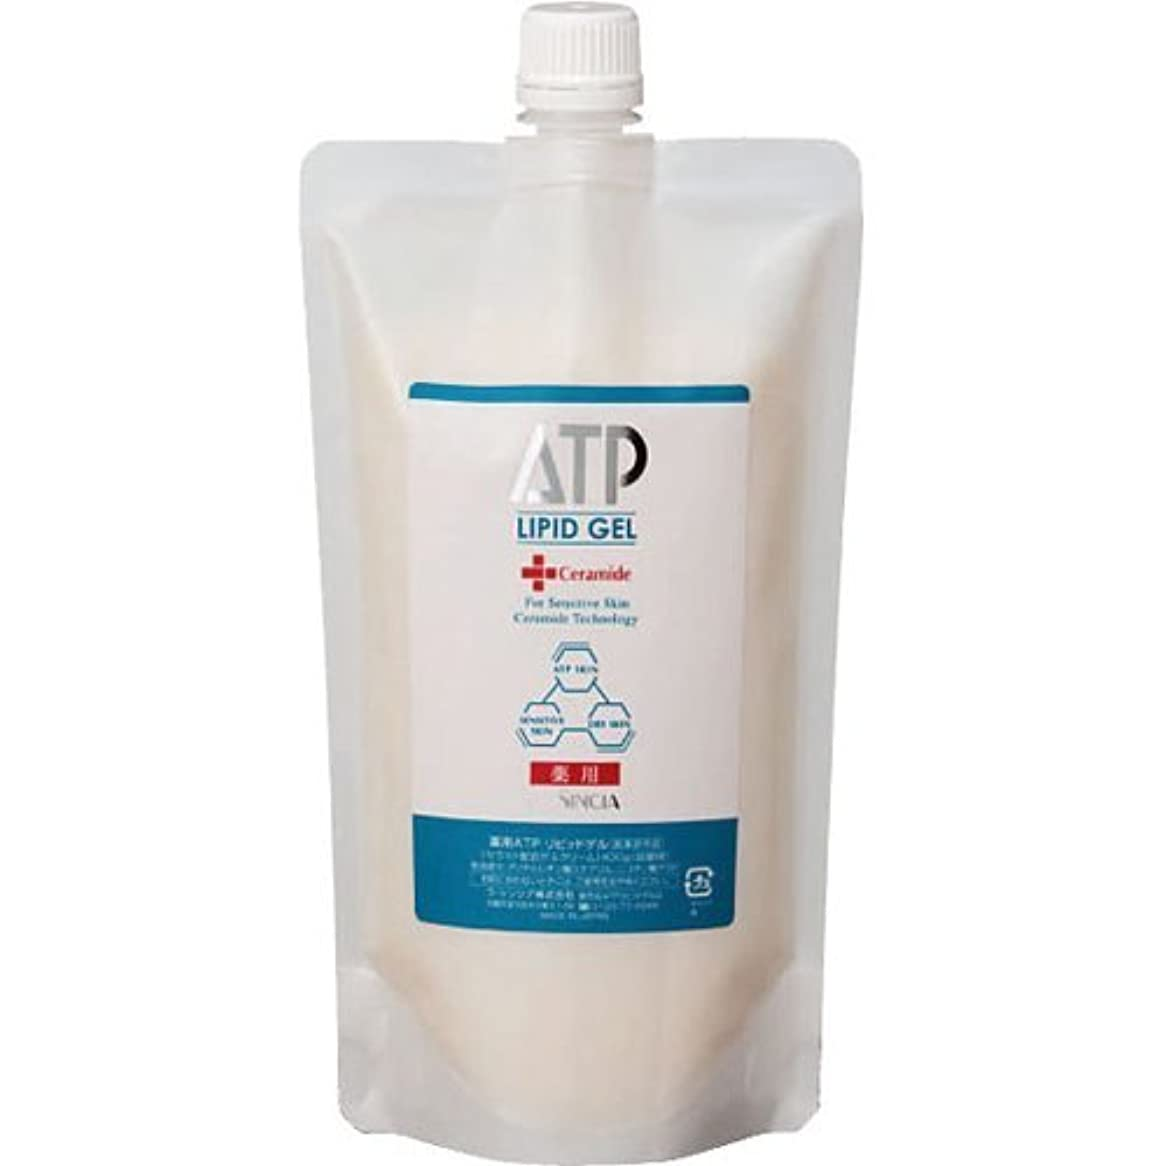 ピービッシュ締め切り転送ラシンシア 薬用ATPリピッドゲル 400g(詰替用) 【セラミド配合ゲルクリーム】